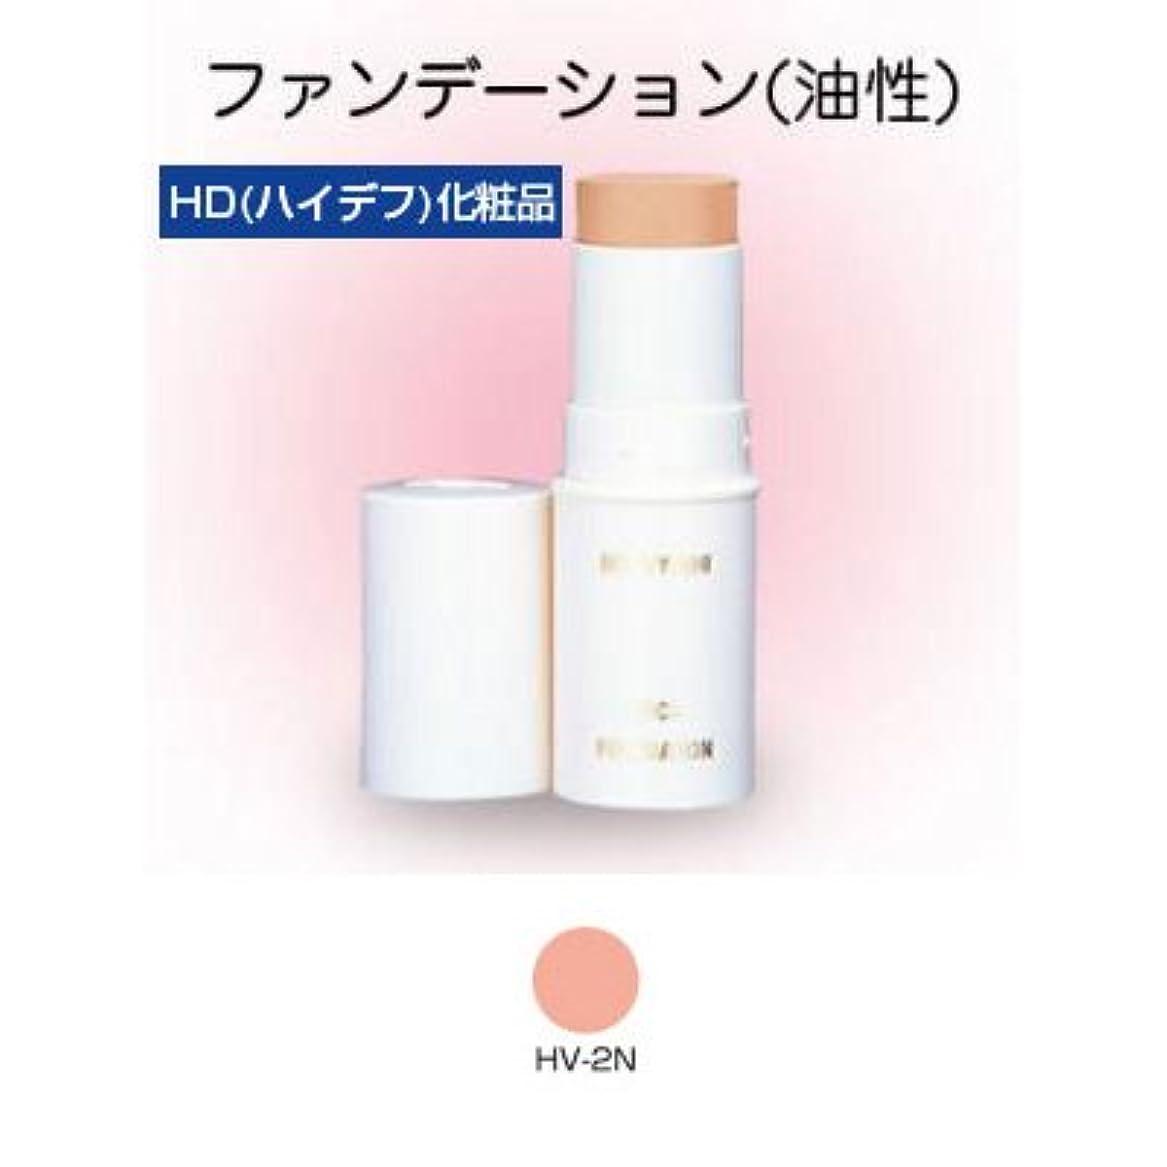 差レパートリー間違っているスティックファンデーション HD化粧品 17g 2NR 【三善】